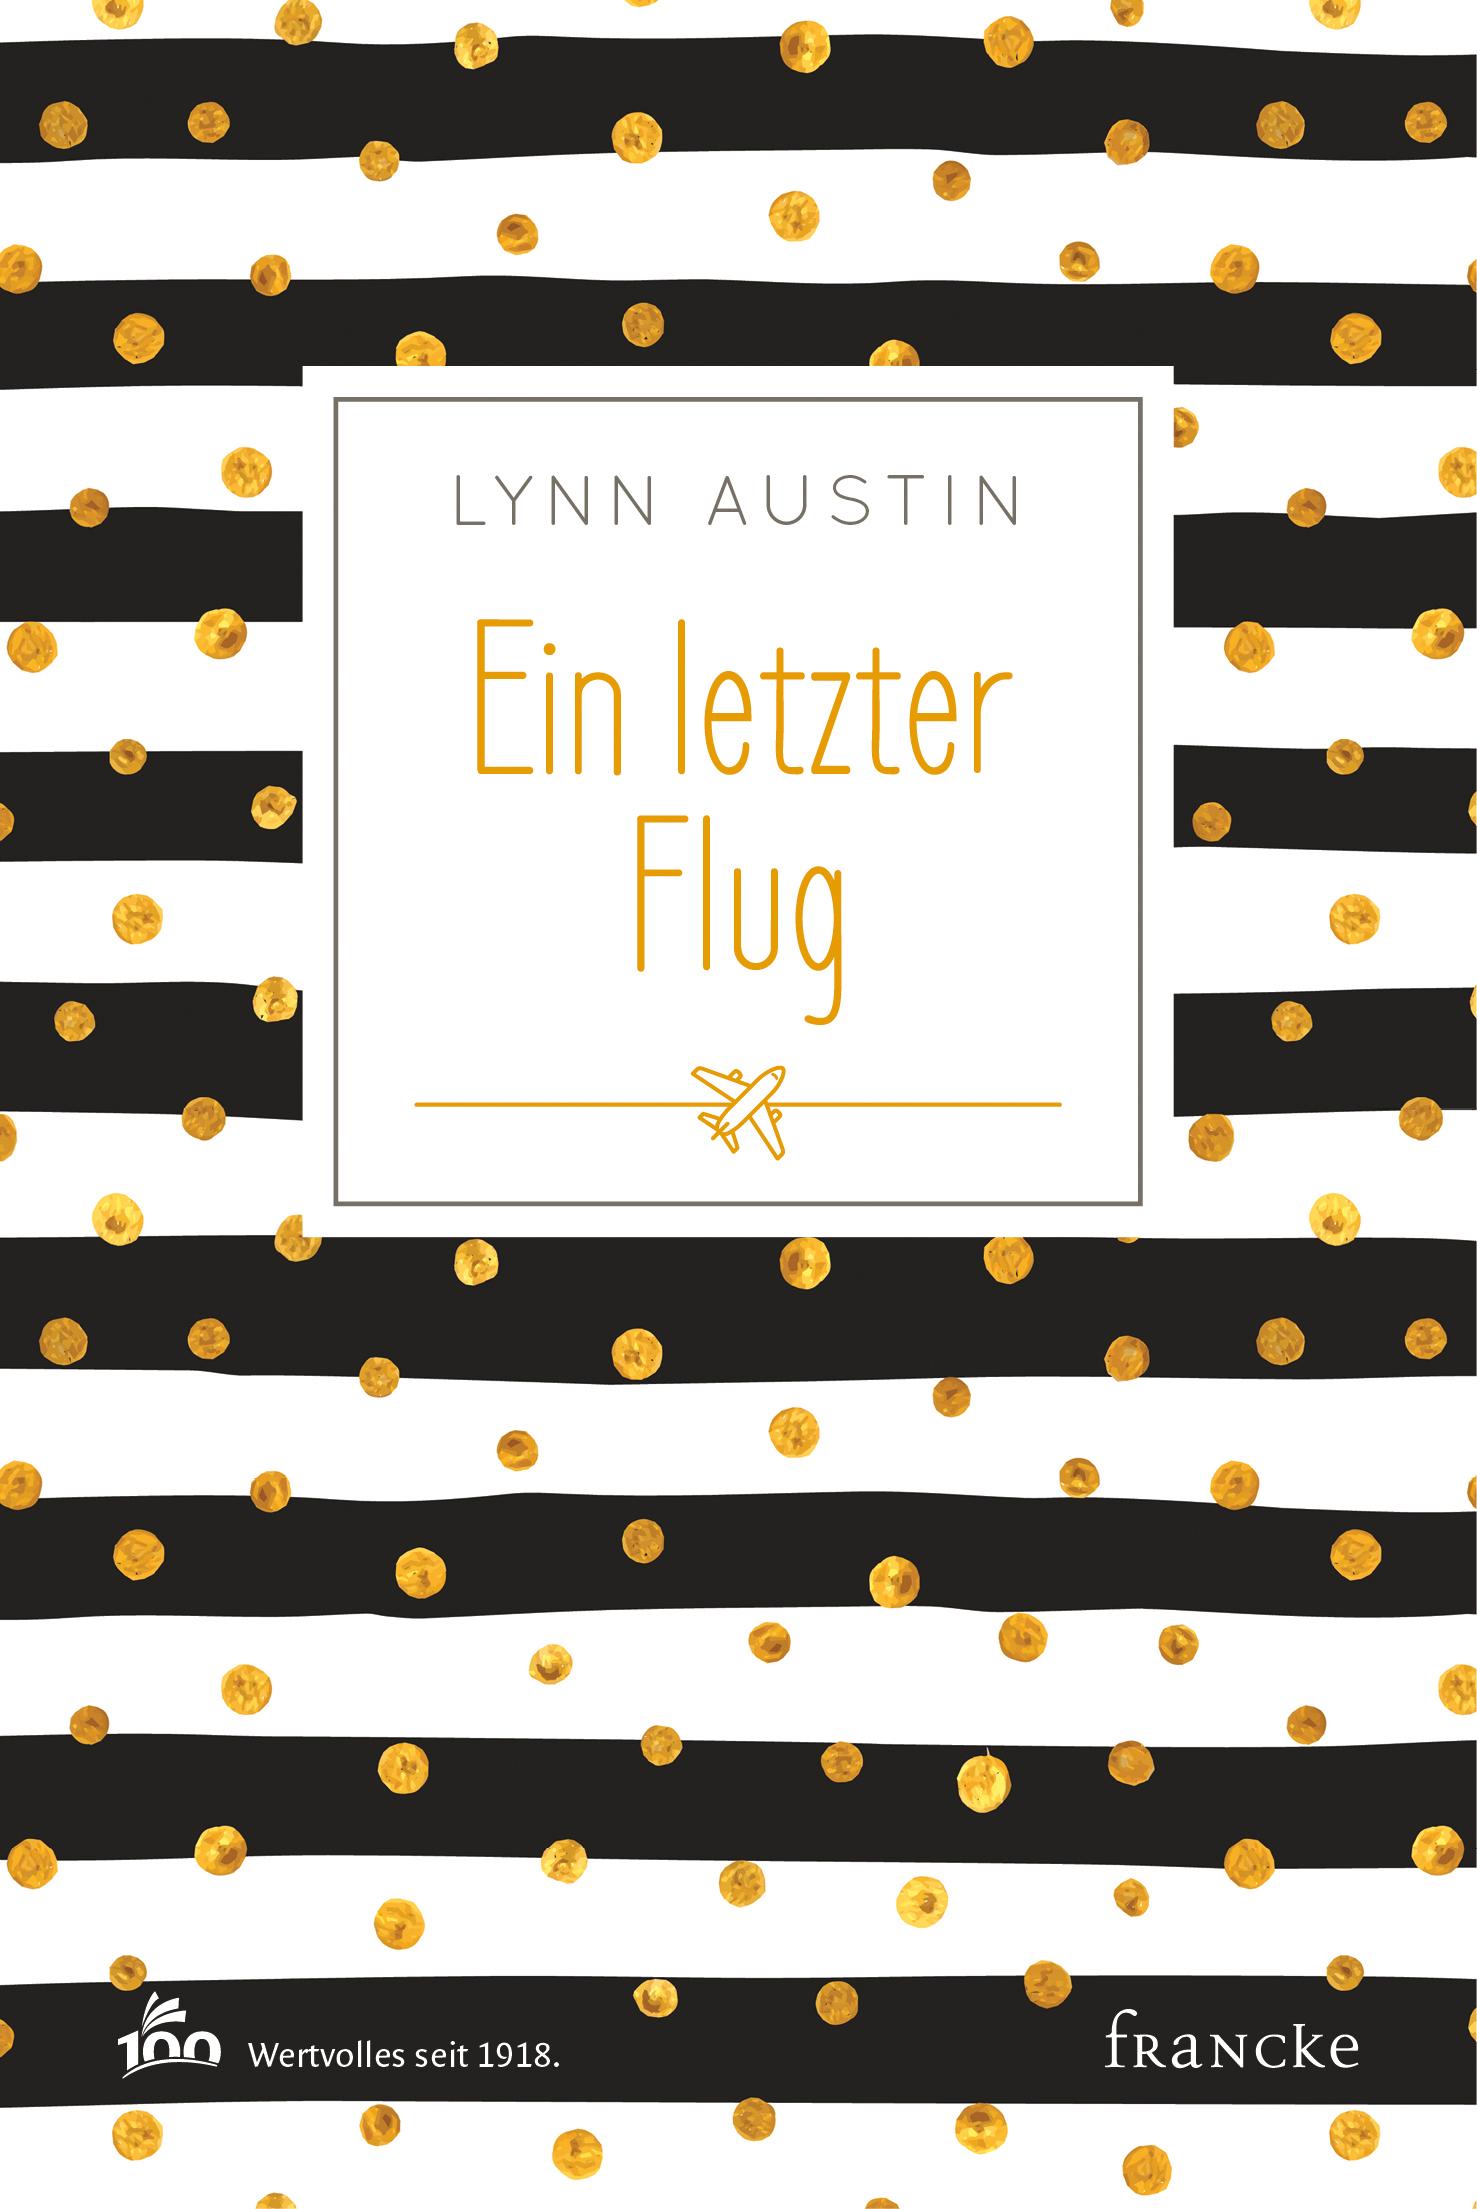 francke › Ein letzter Flug Lynn Austin